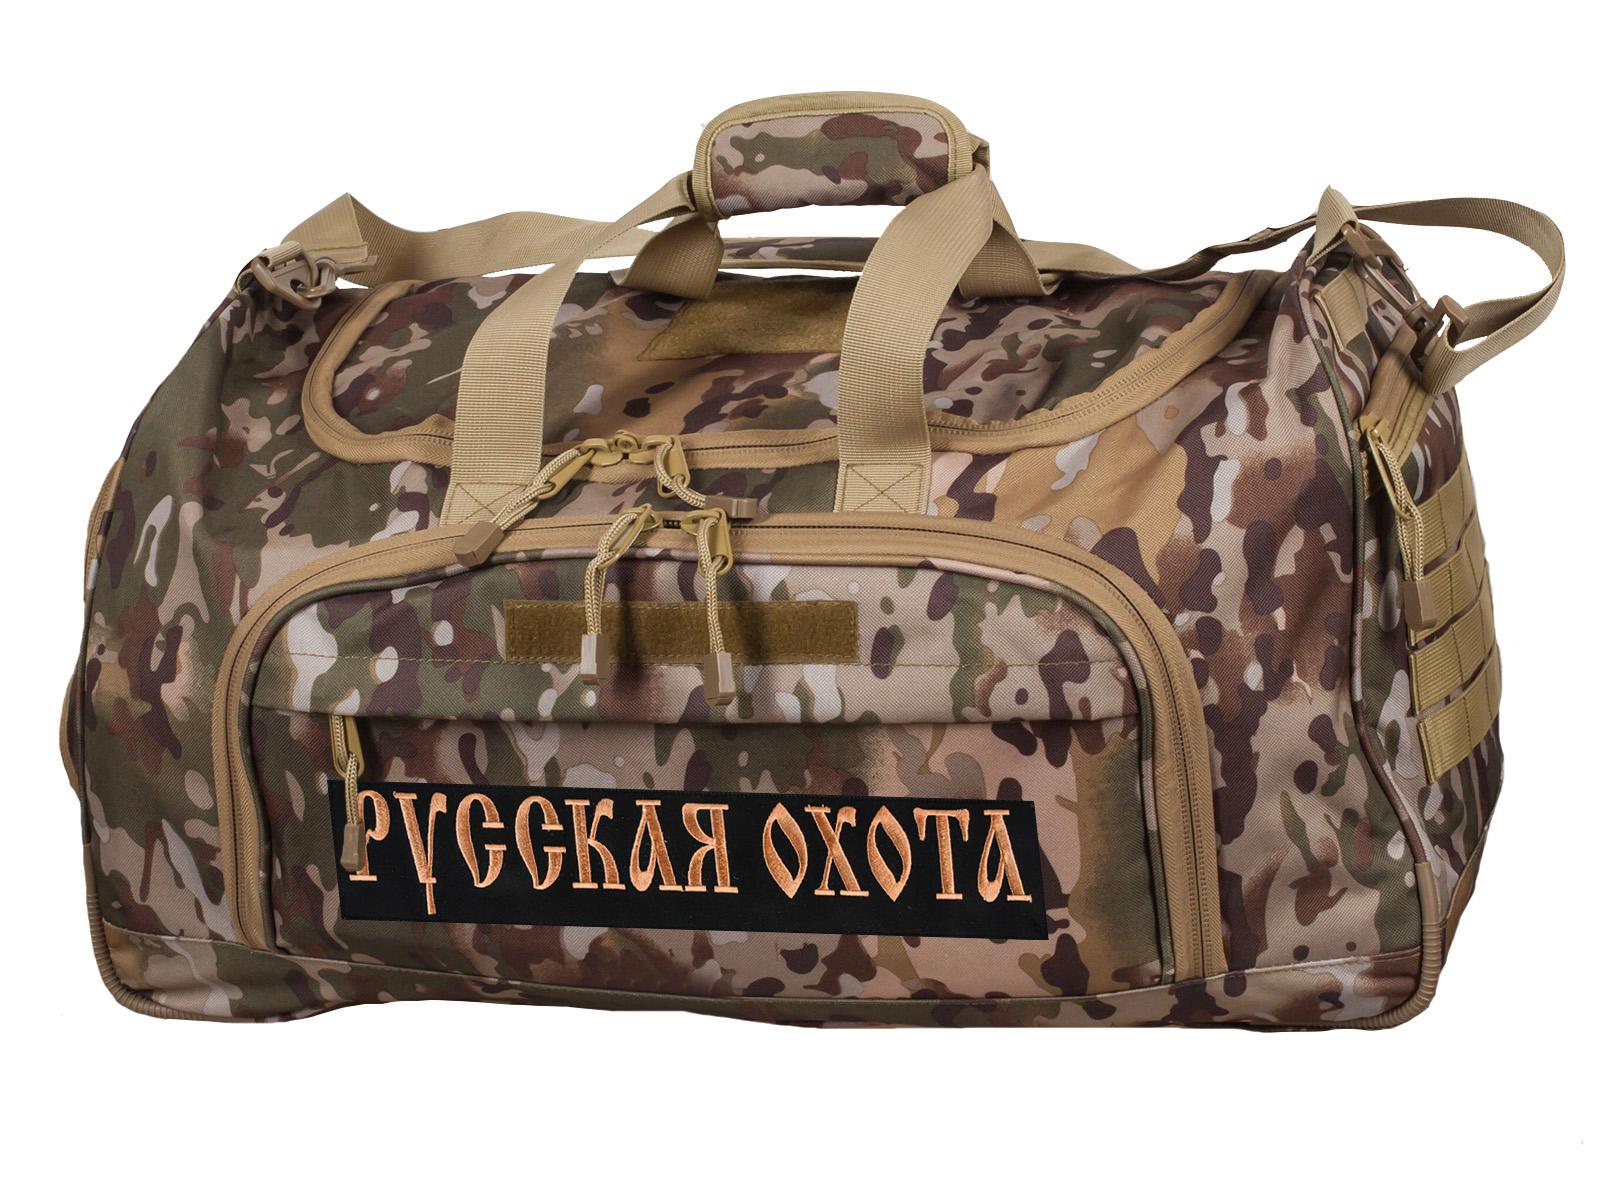 Мужская военная сумка Русская Охота, код 08032B - купить выгодно